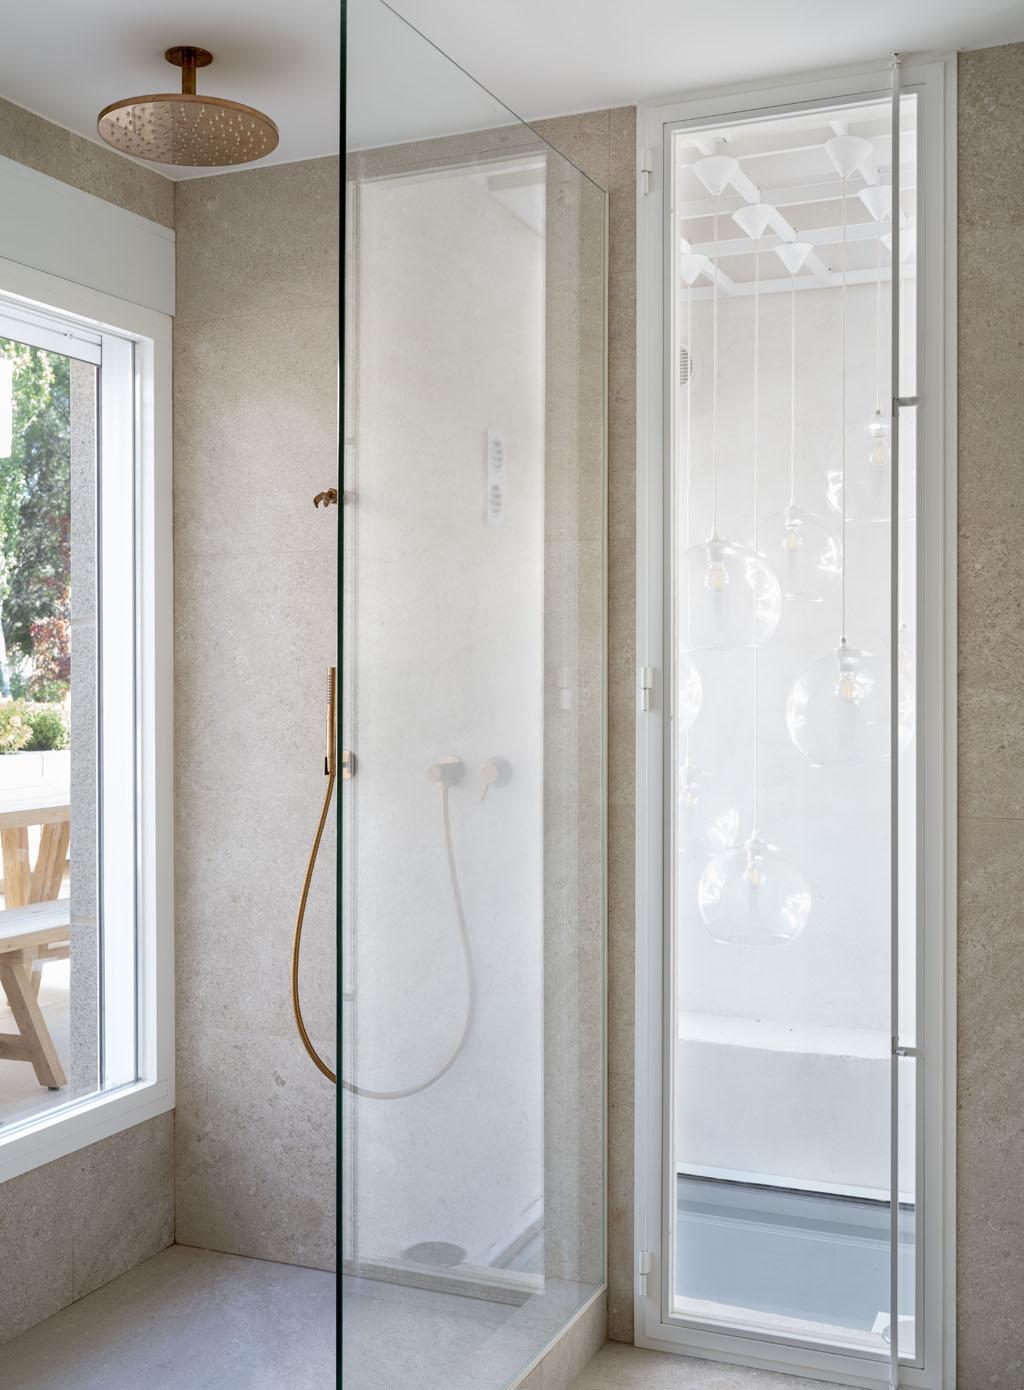 MORALEJA_web_020-Erlantz Biderbost fotografo de arquitectura e interiores